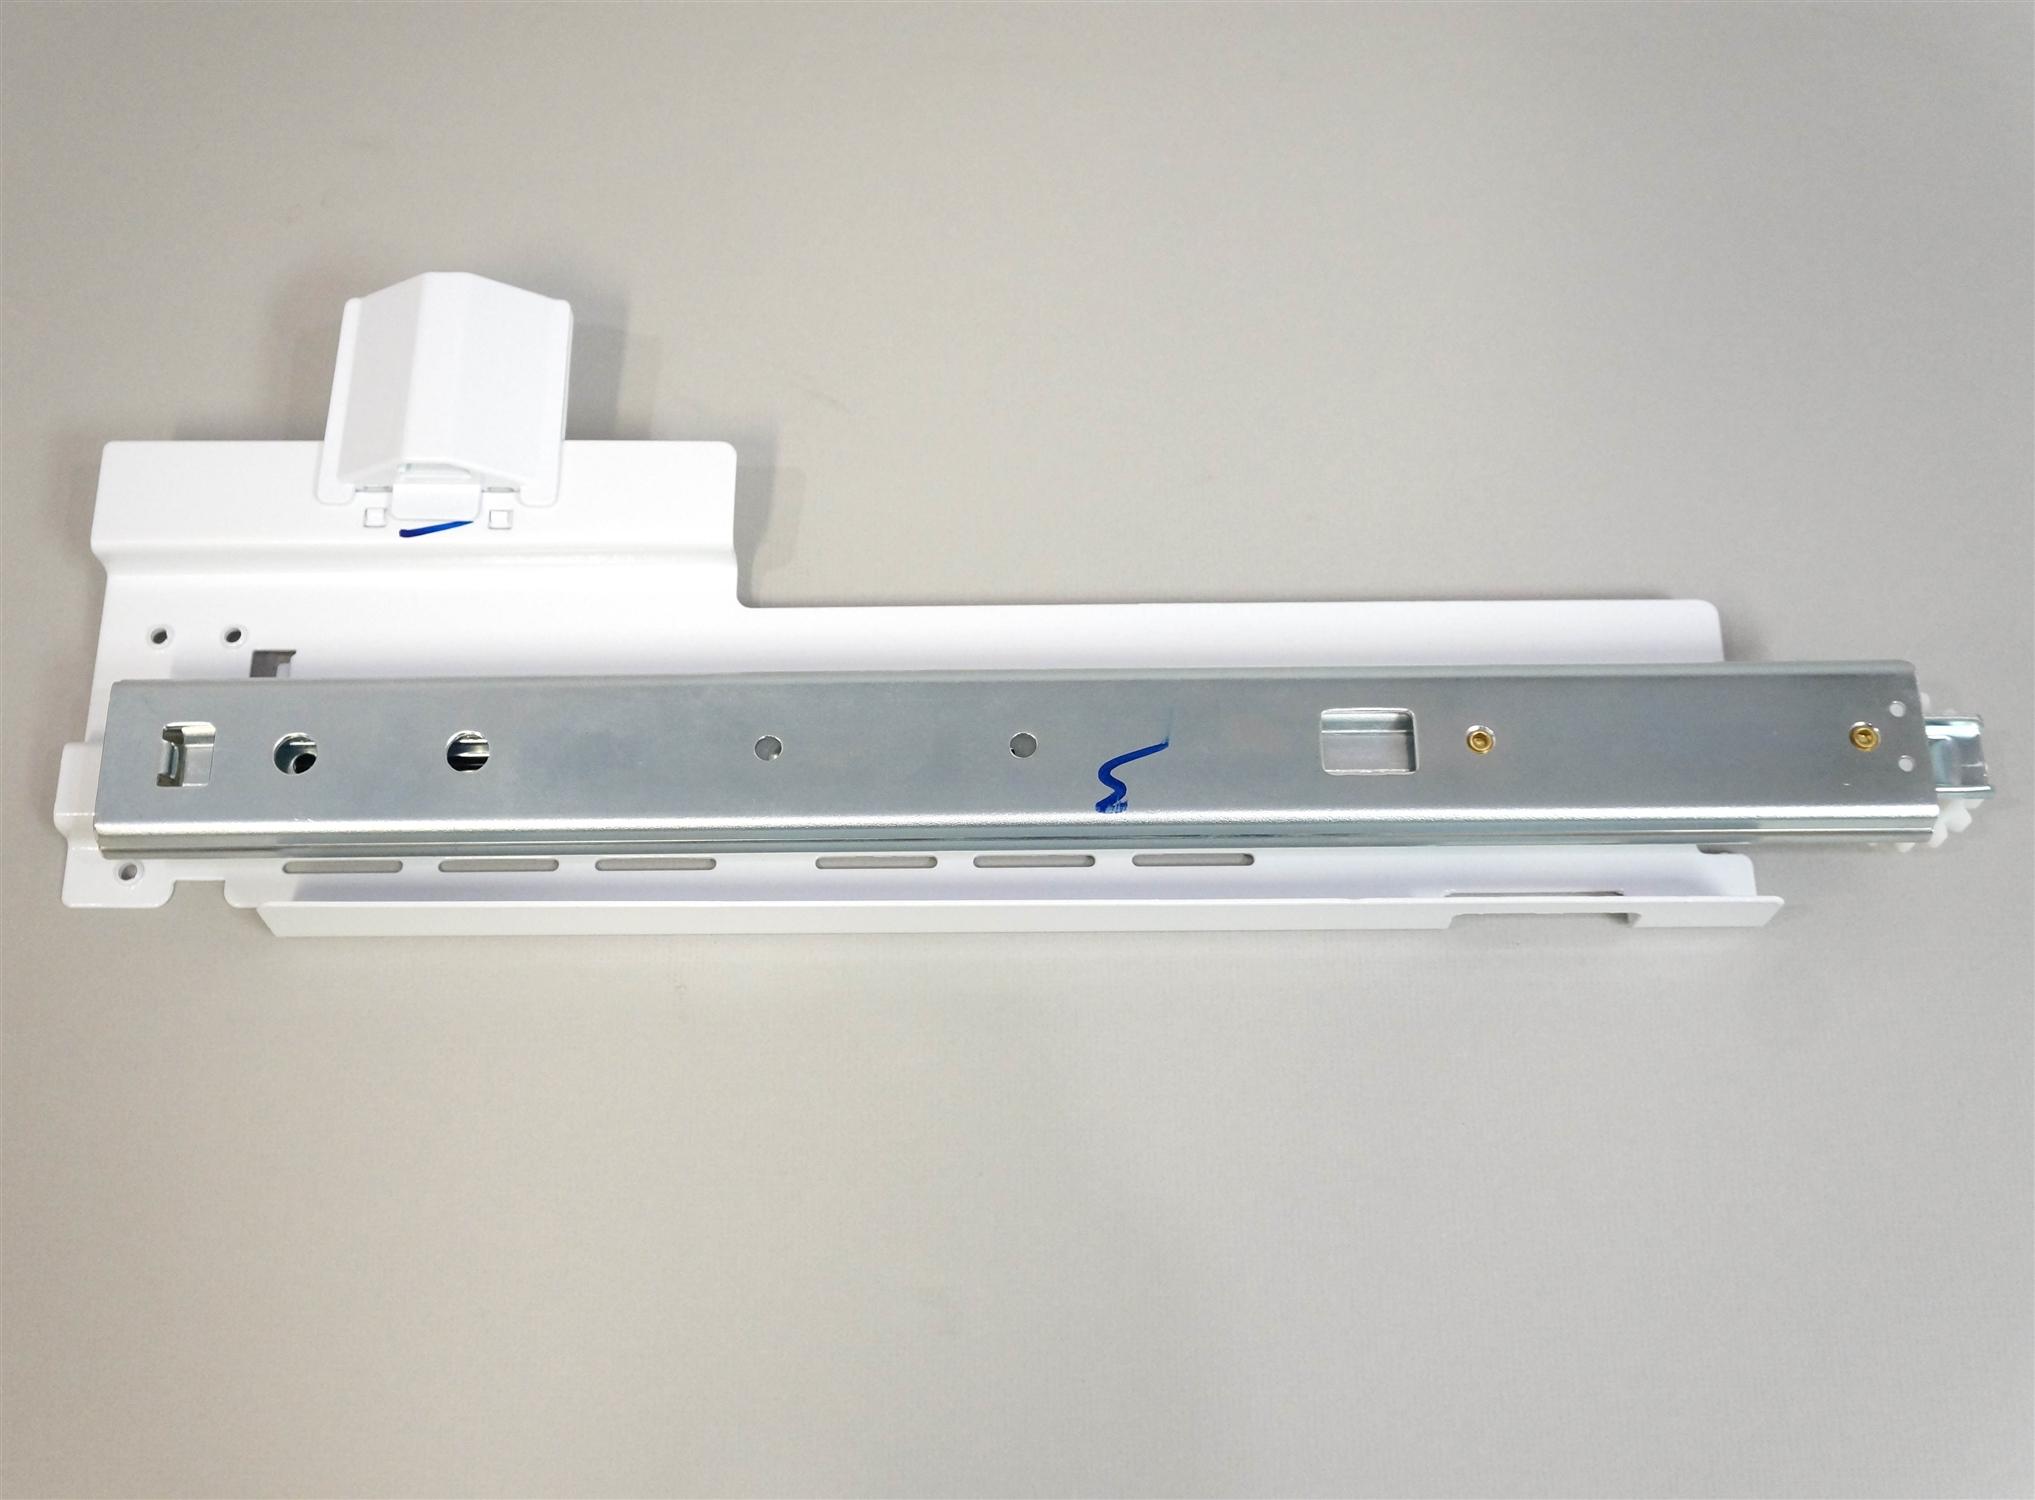 SAMSUNG REFRIGERATOR SLIDE RAIL PART# DA97-13661A